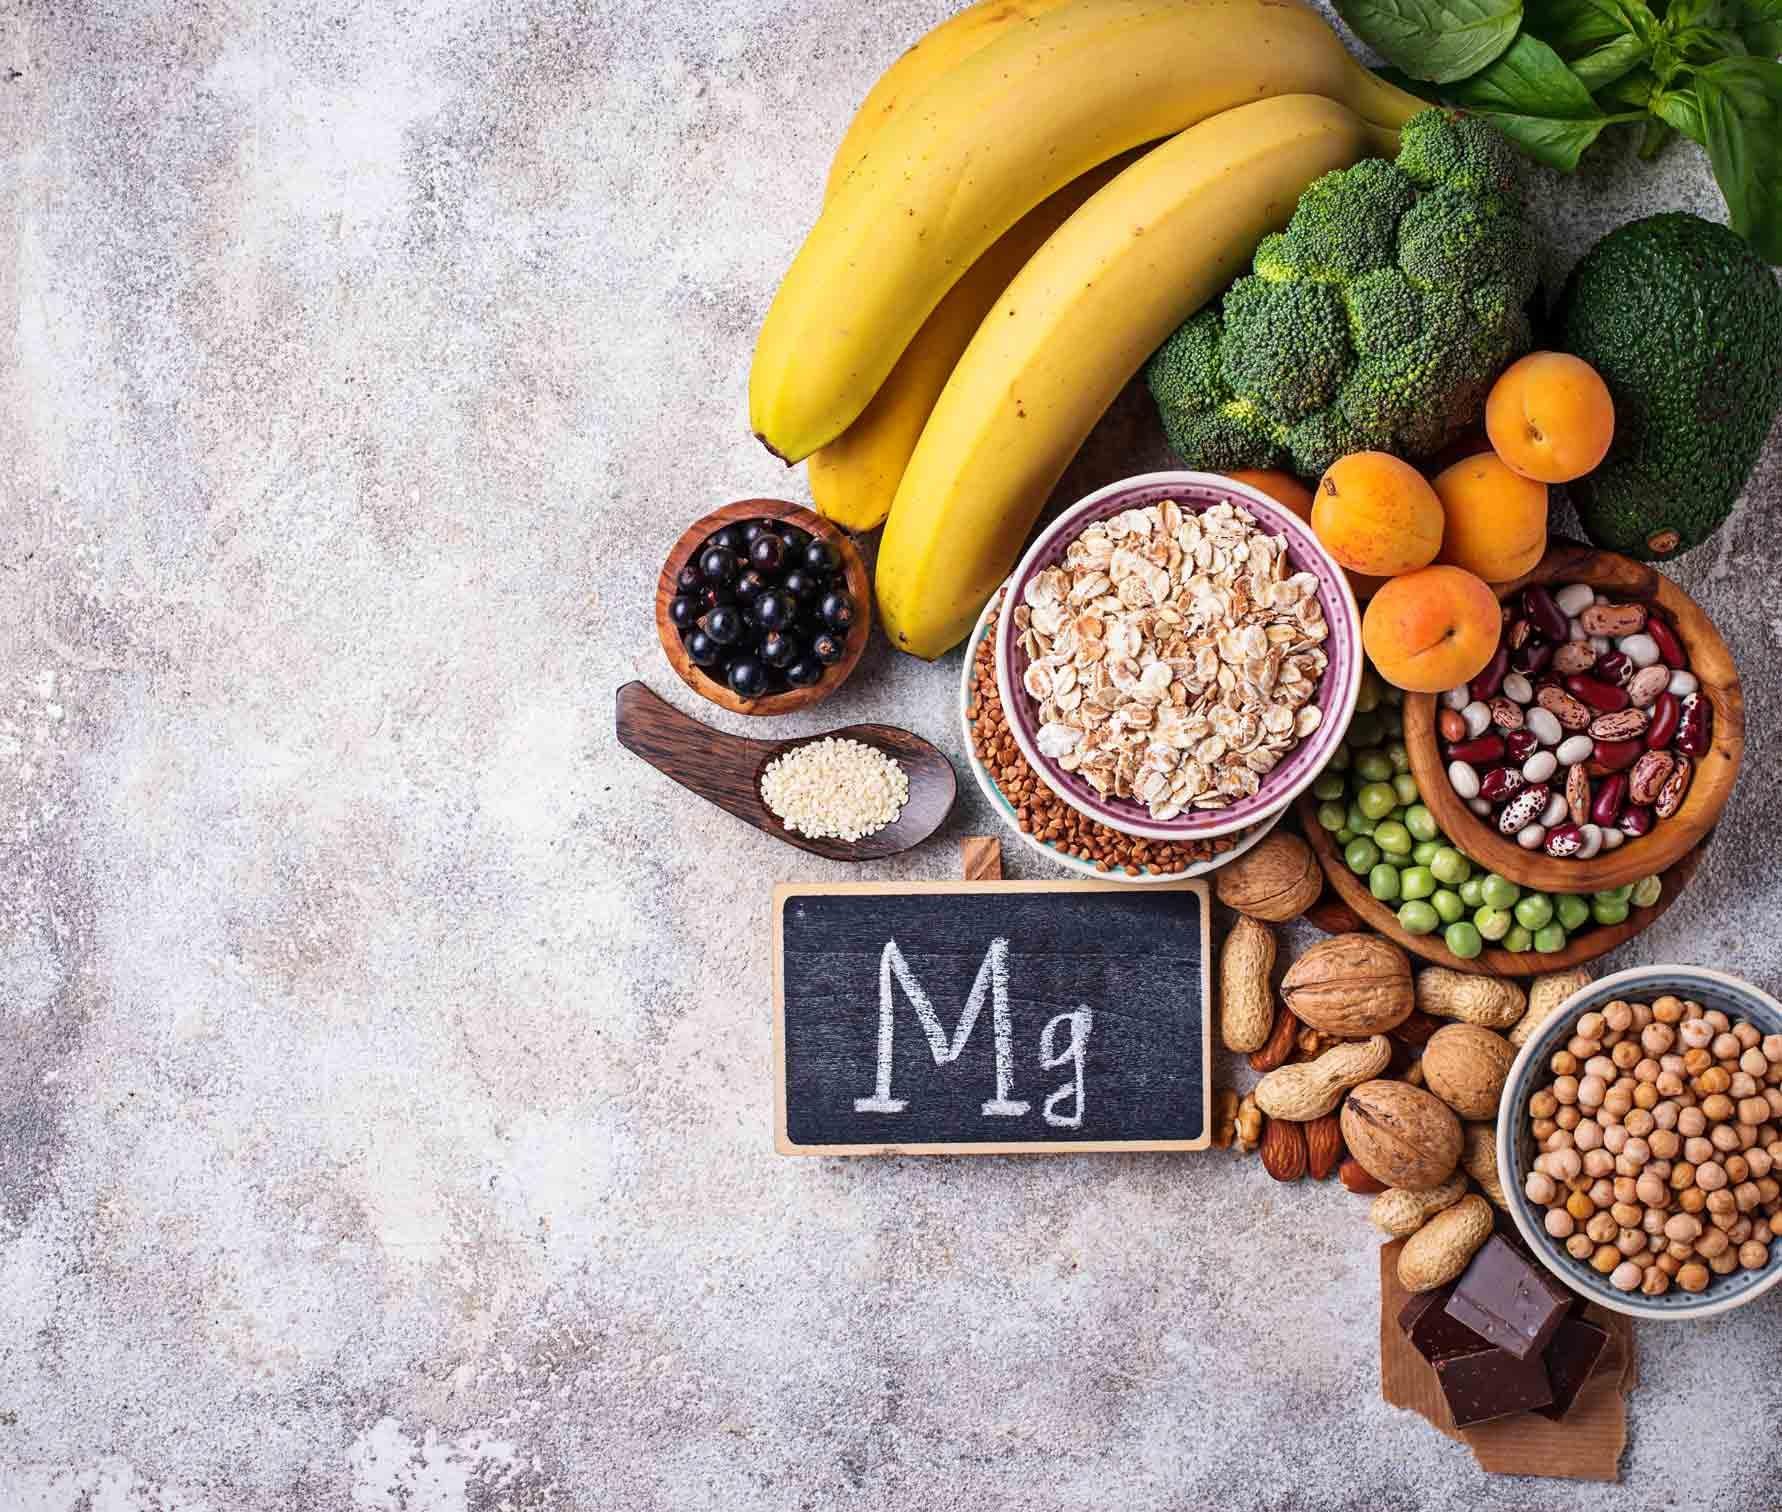 beneficios del magnesio 1